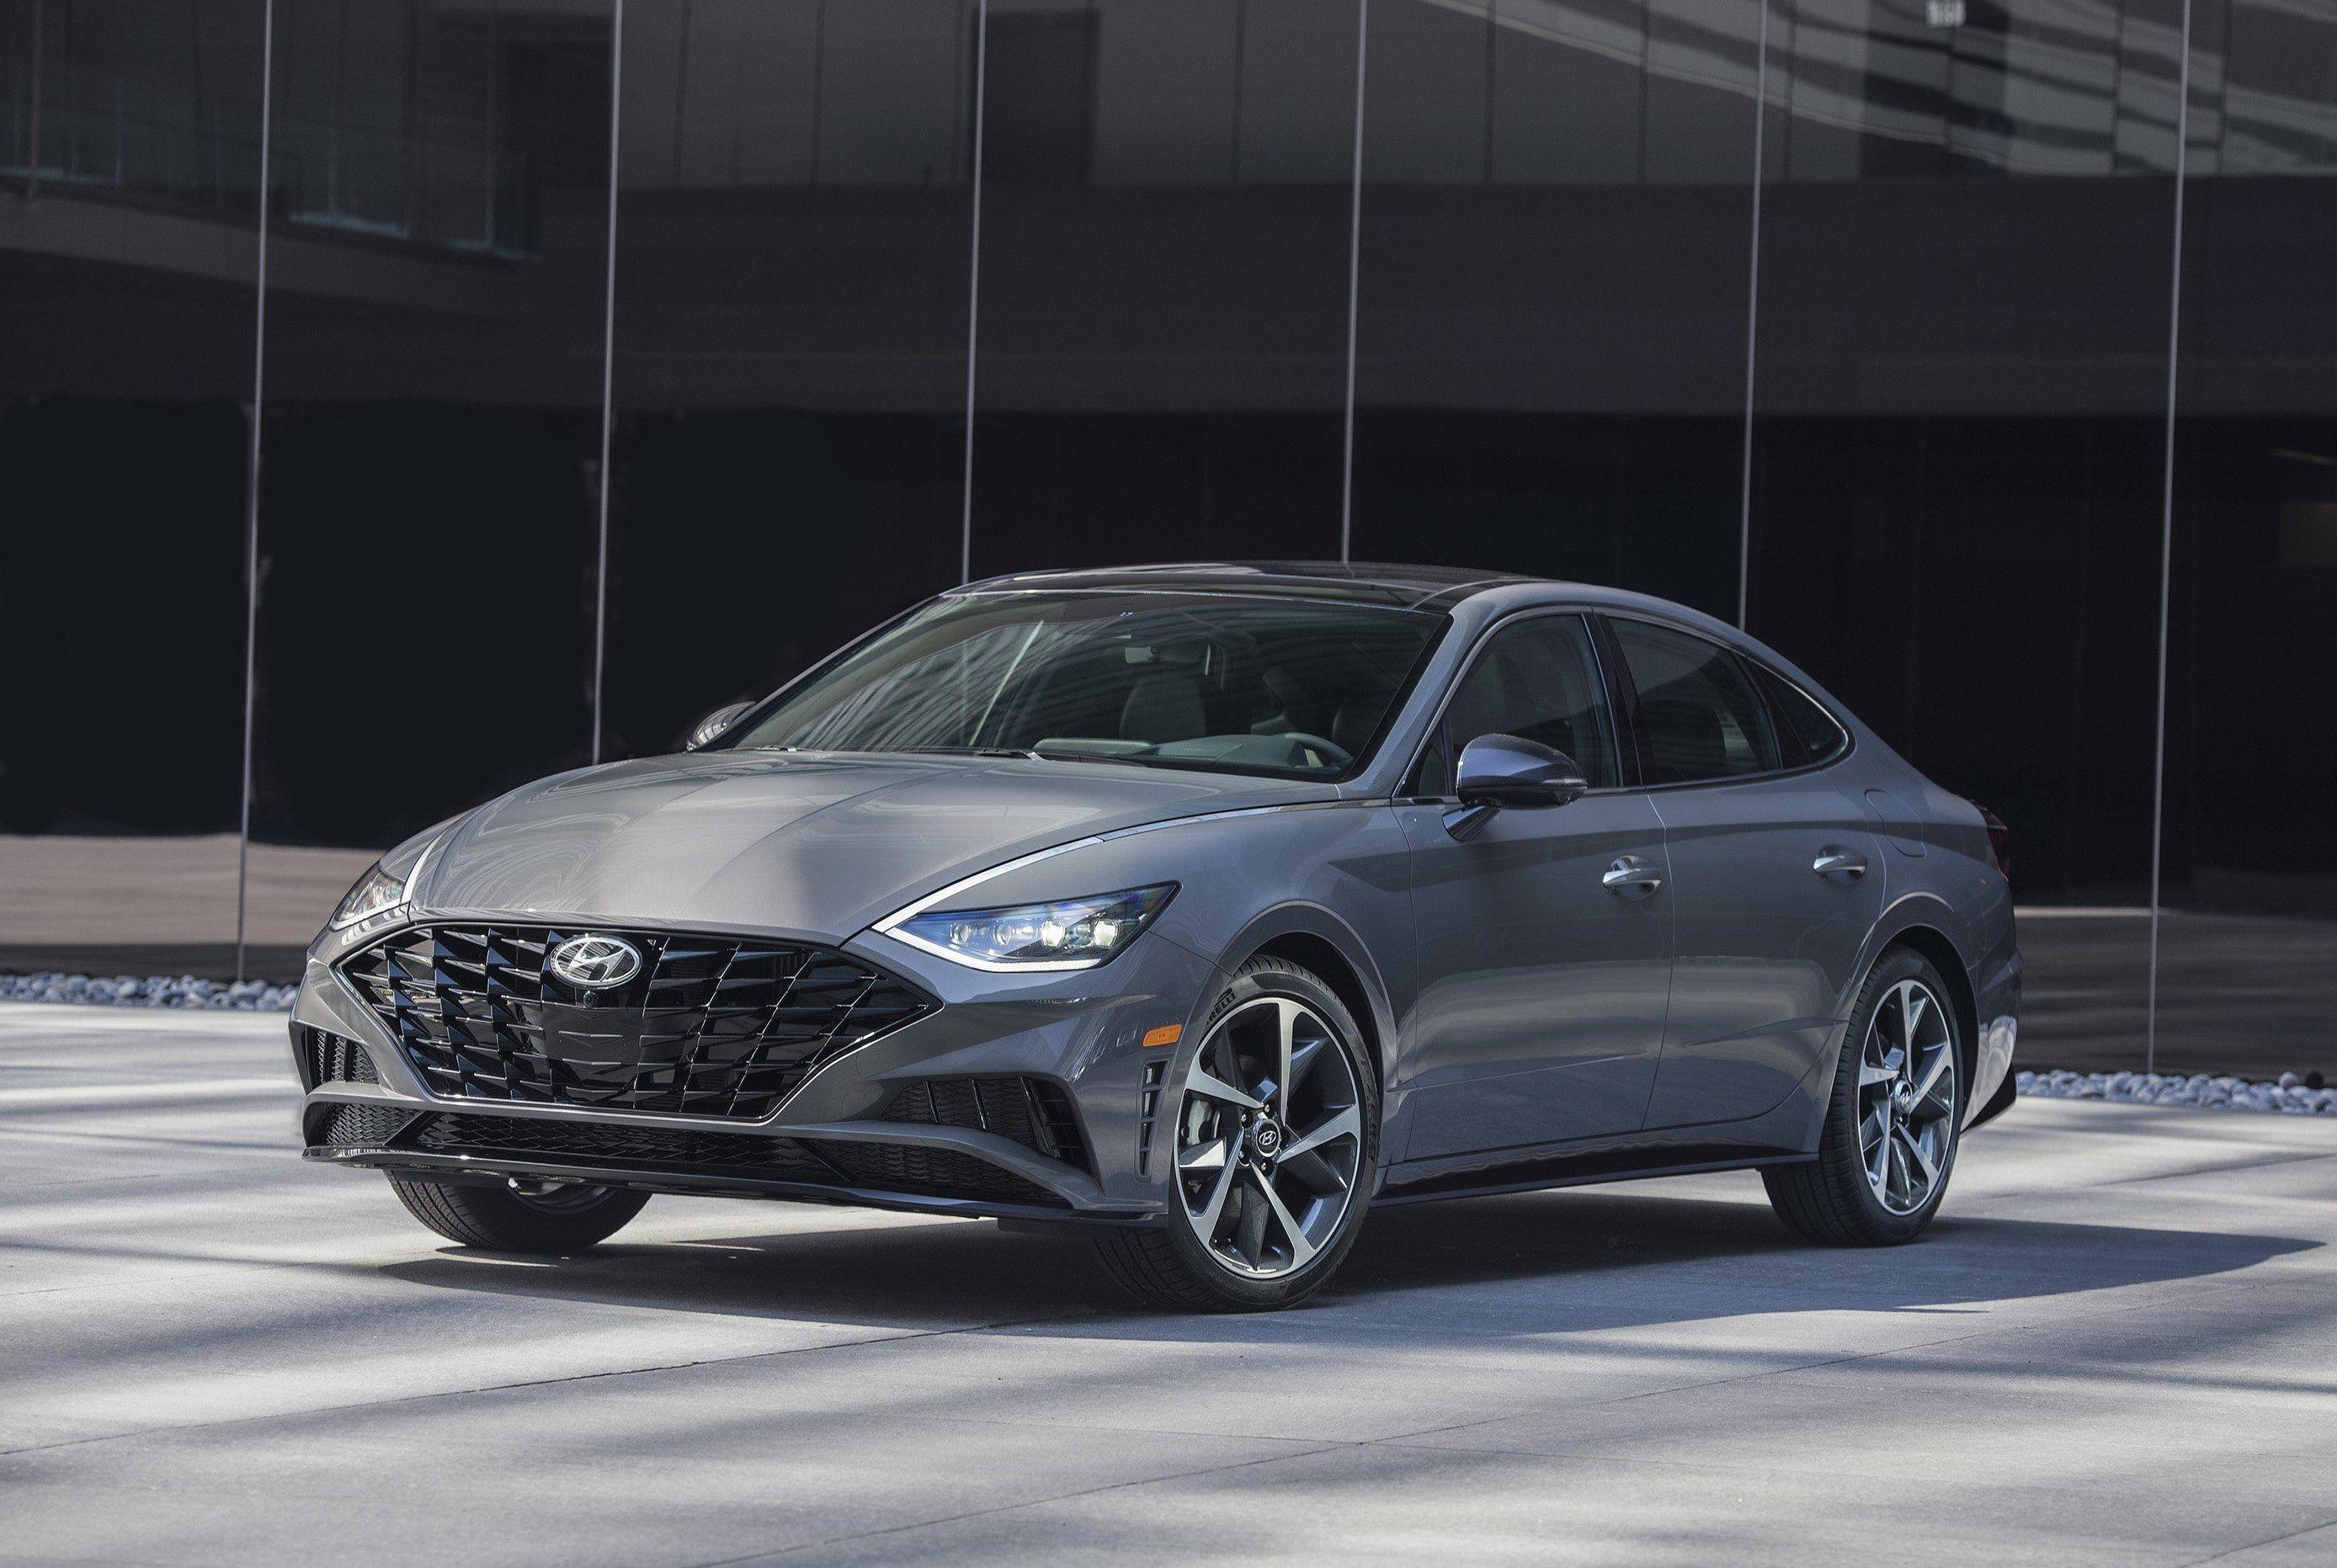 Pin On Upcoming Cars 2020 2021